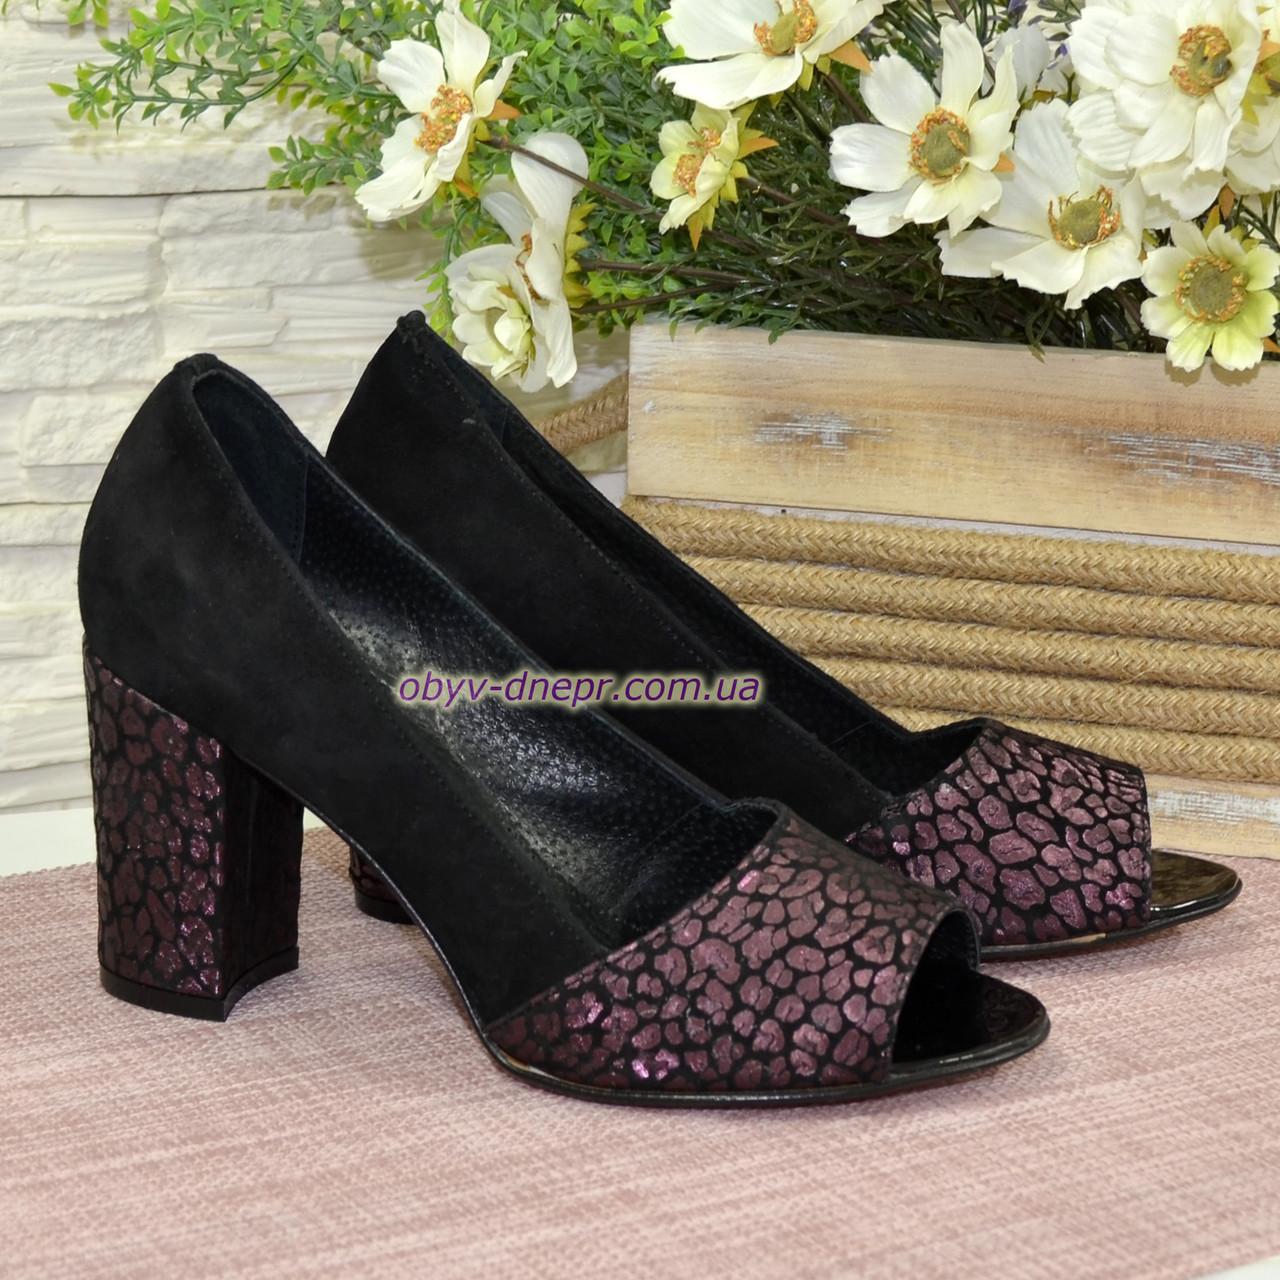 Туфли замшевые с открытым носком, на высоком устойчивом каблуке, цвет черный/бордо